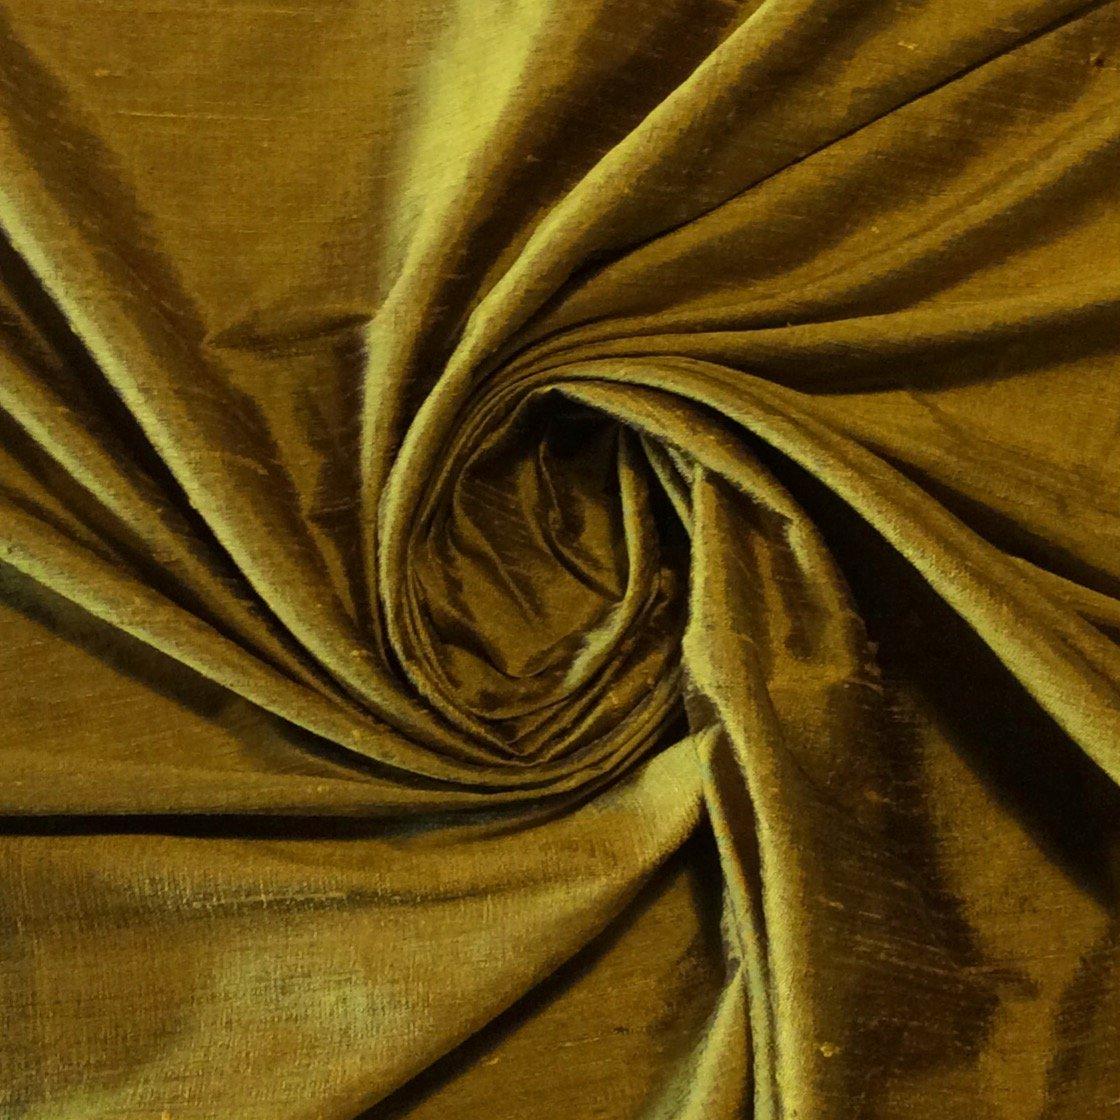 SILK SH016 Dark Honey Exquisite Hand Woven Dupioni 100% Silk Fabric Drapery Fabric